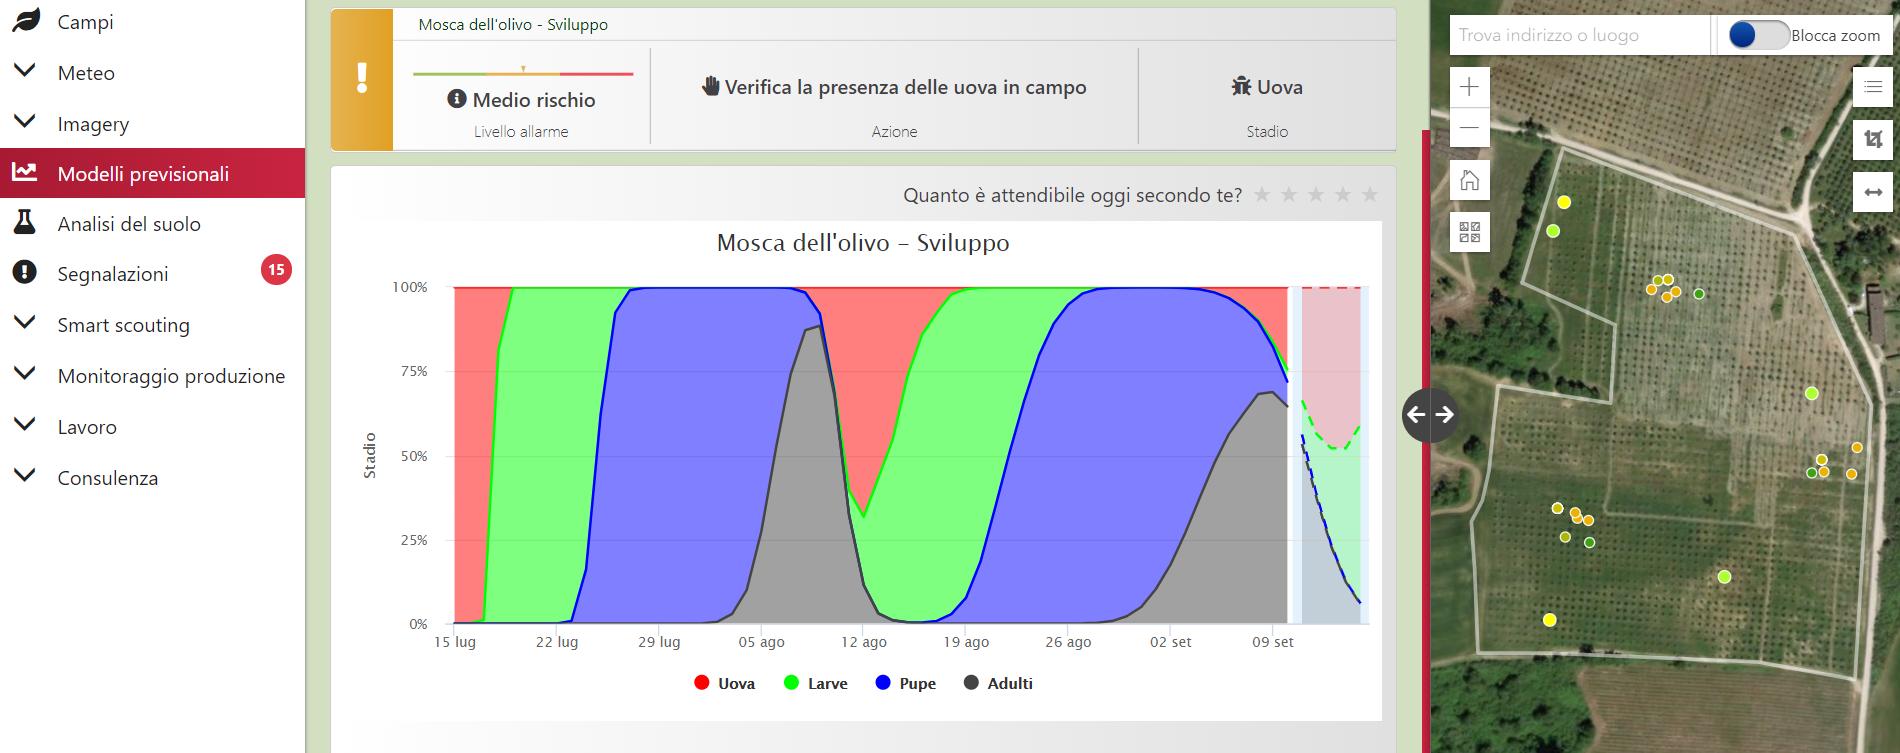 modello previsionale di sviluppo mosca dell'olivo